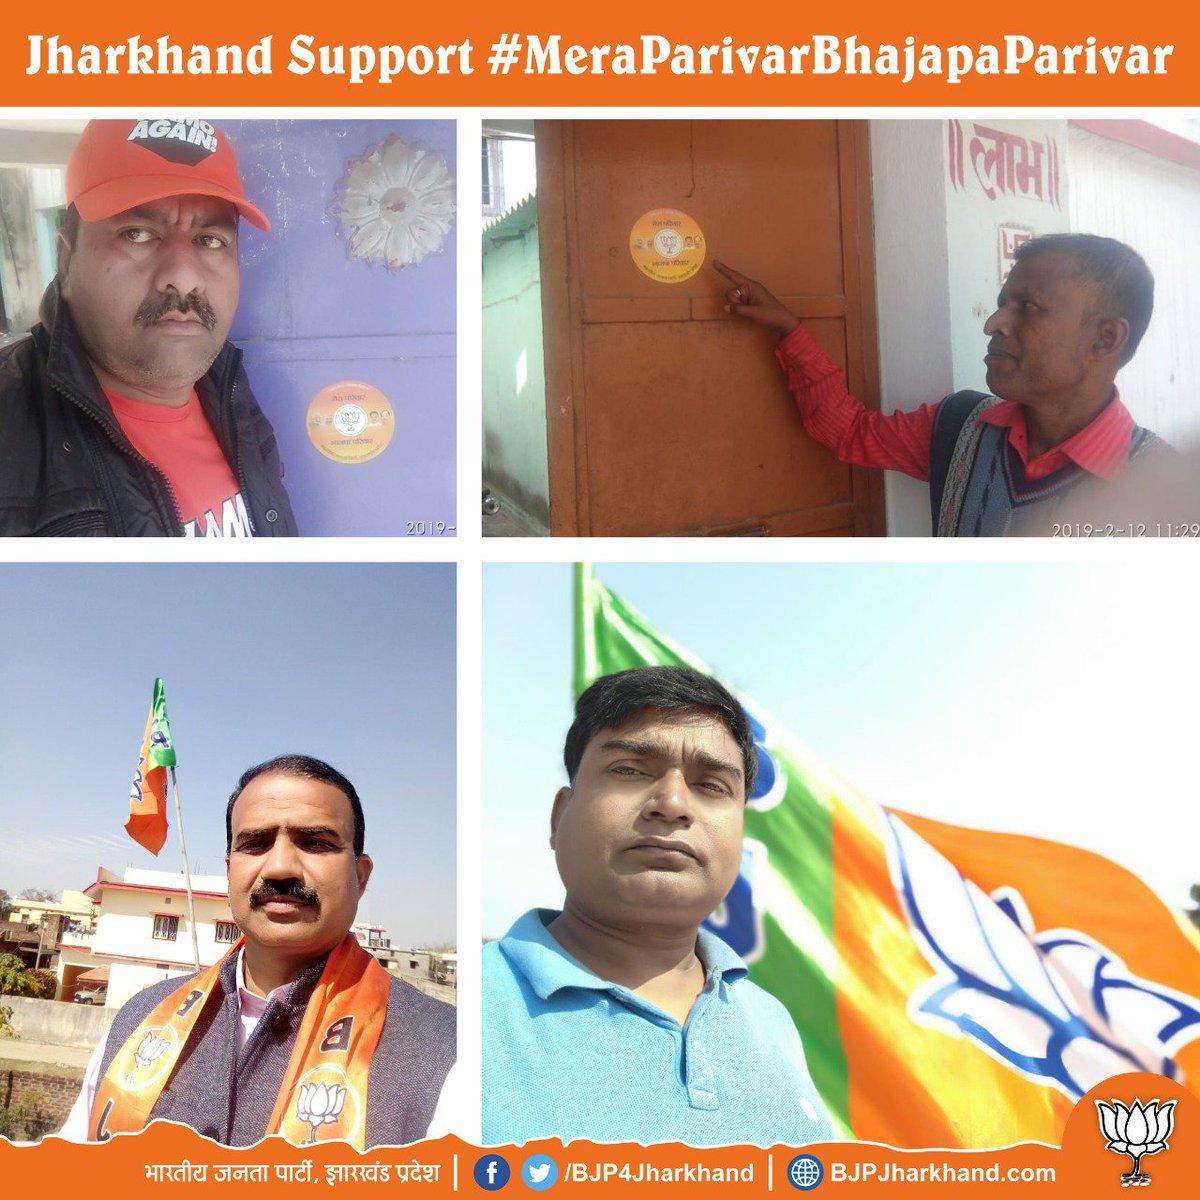 BJP JHARKHAND's photo on #MeraParivarBhajapaParivar